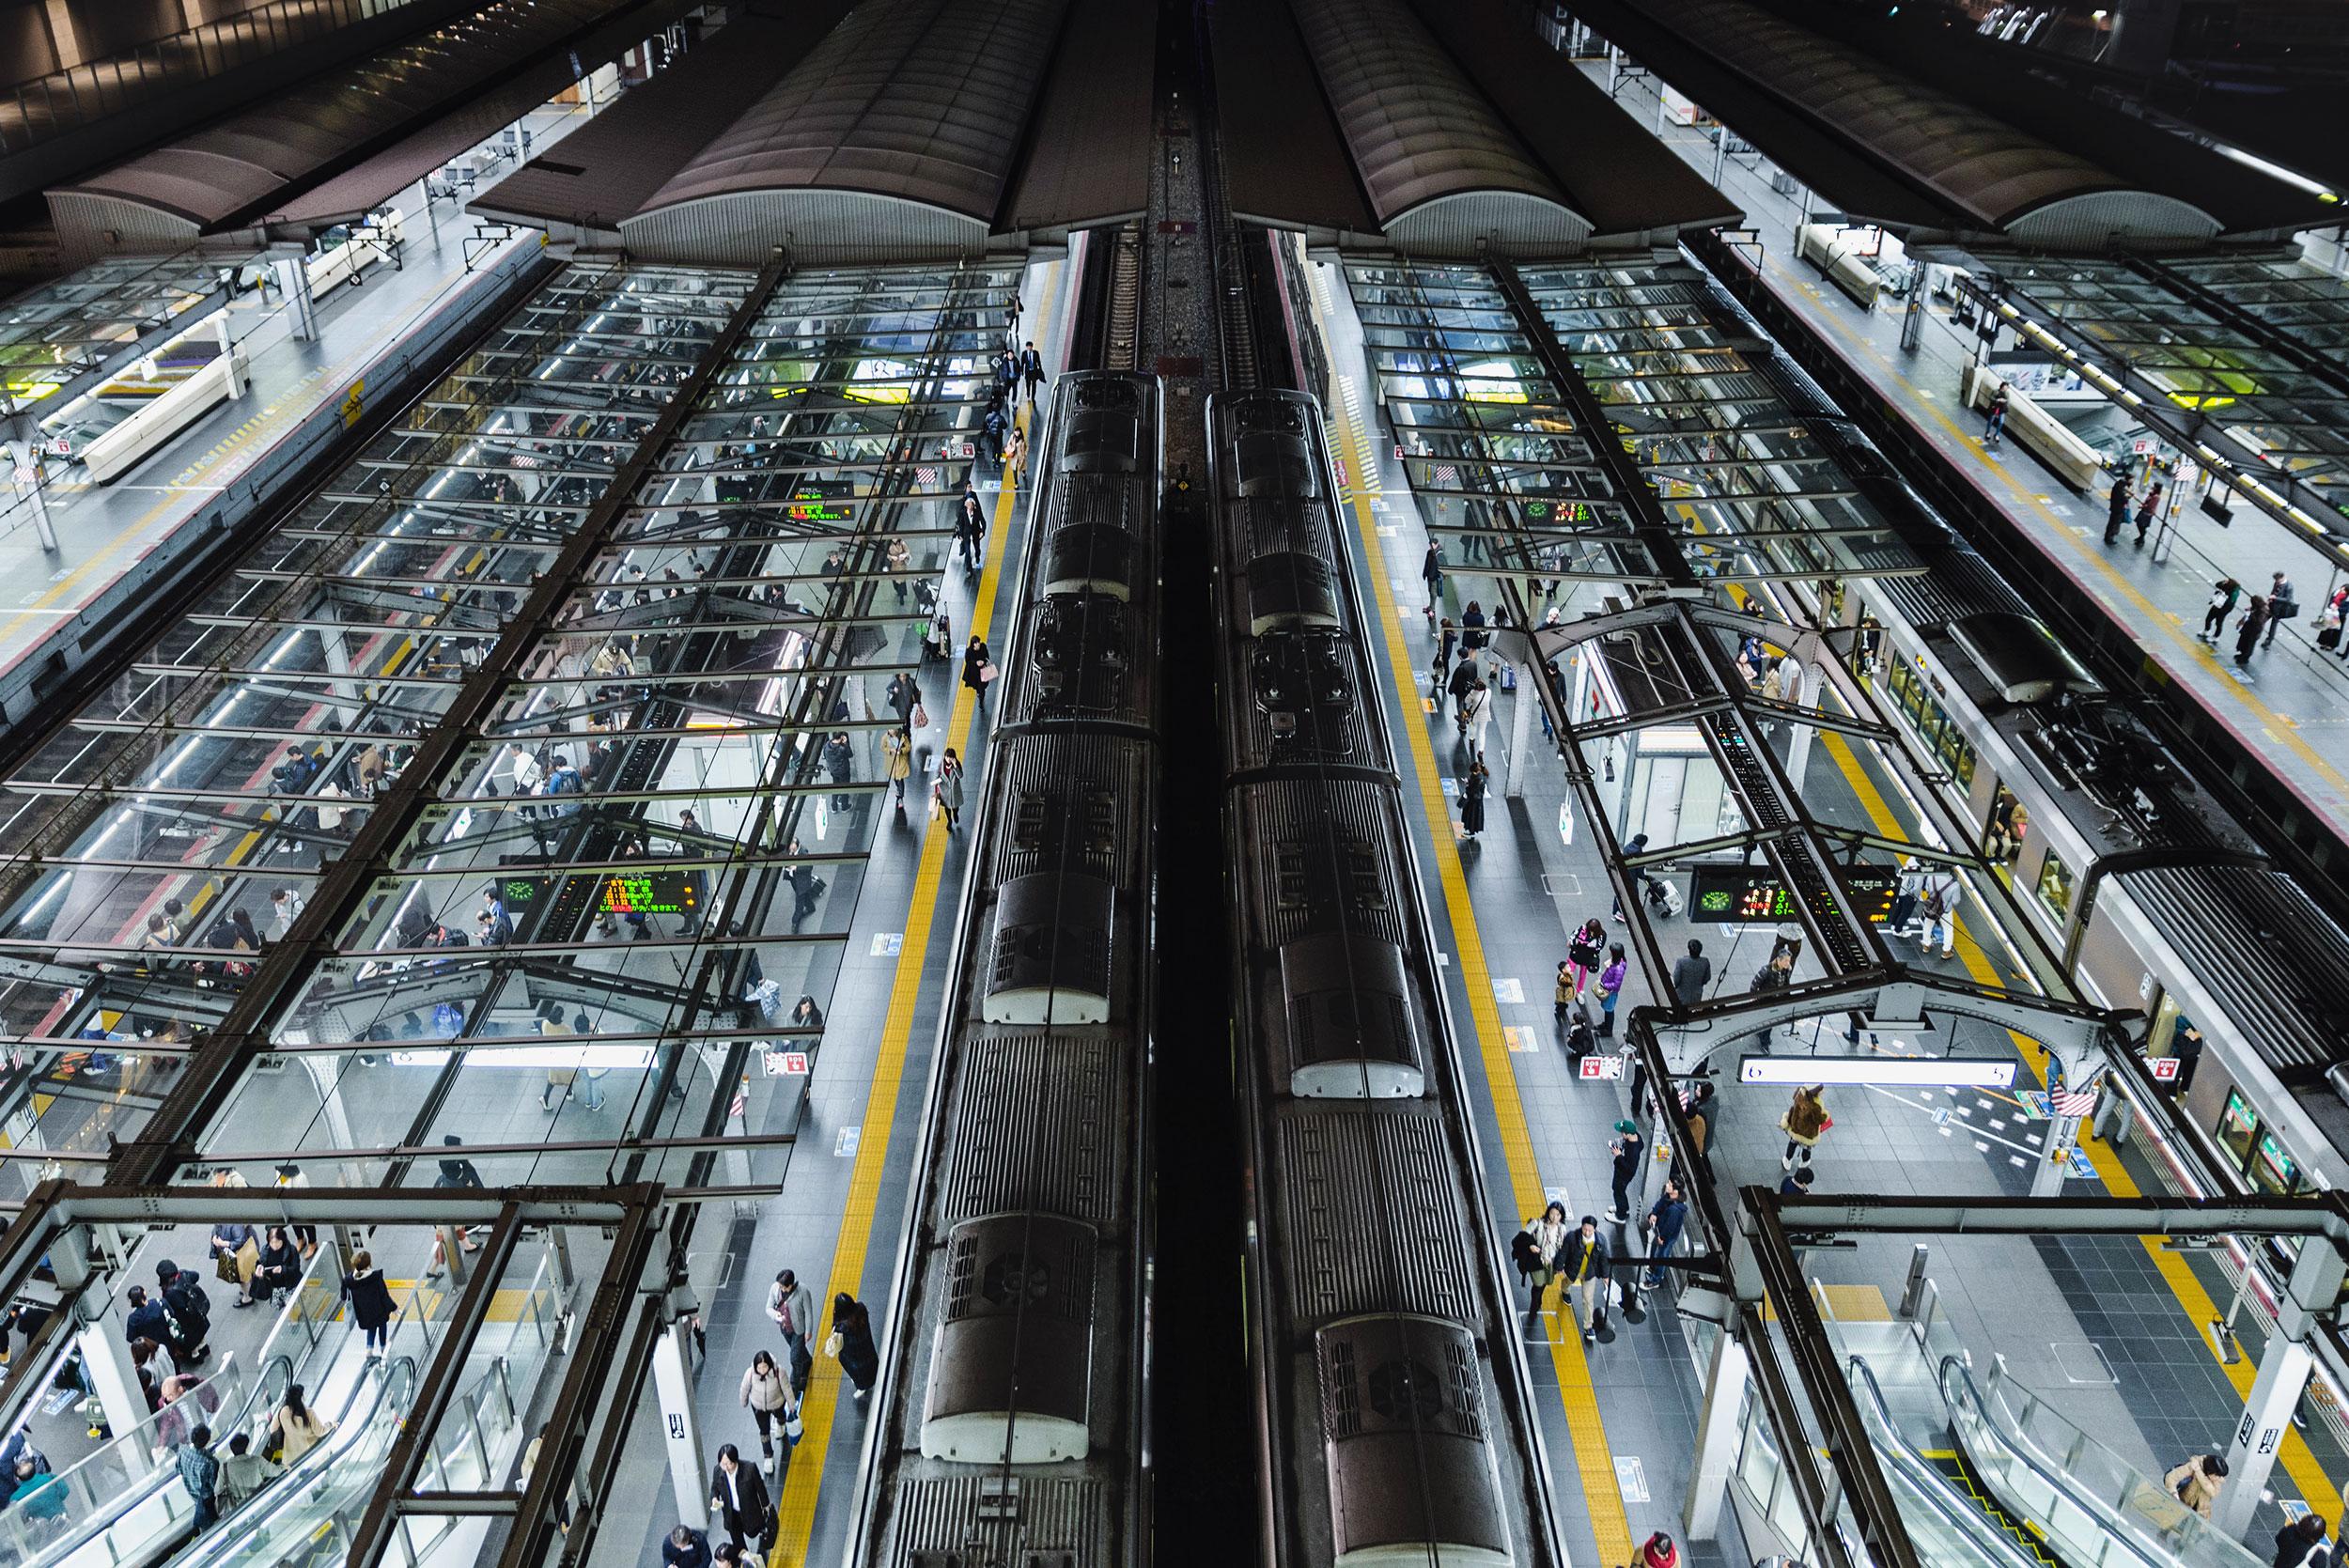 Osaka Station train platforms -  [   BUY PRINT   ]